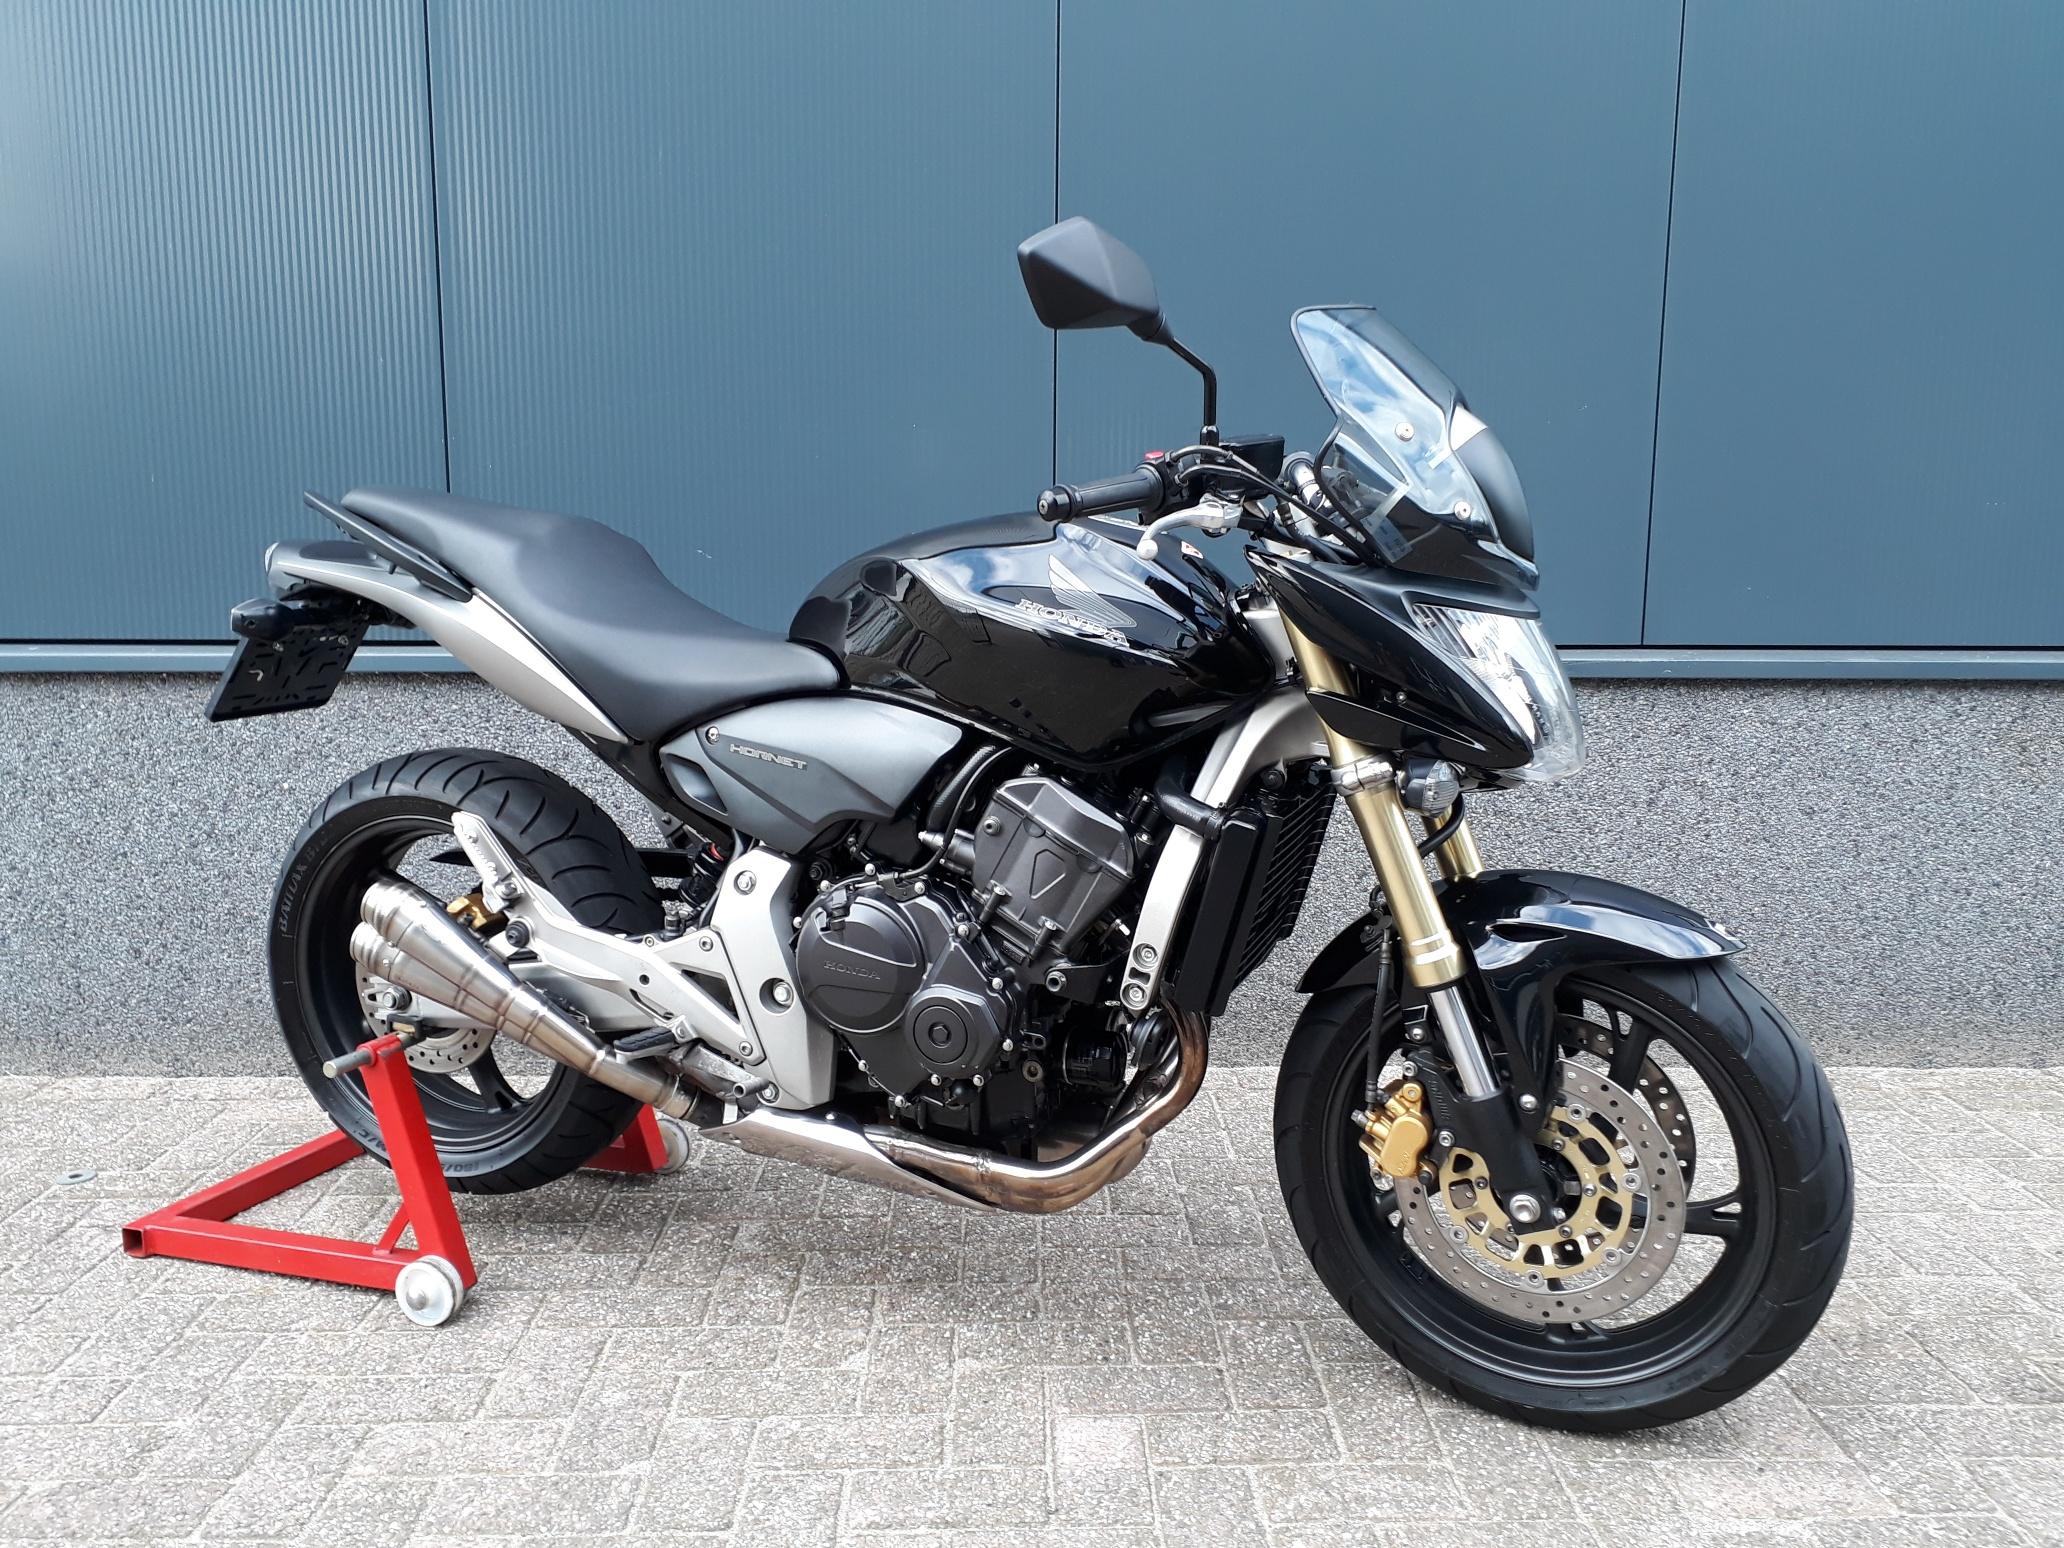 2008 Honda CB 600 Hornet F ABS